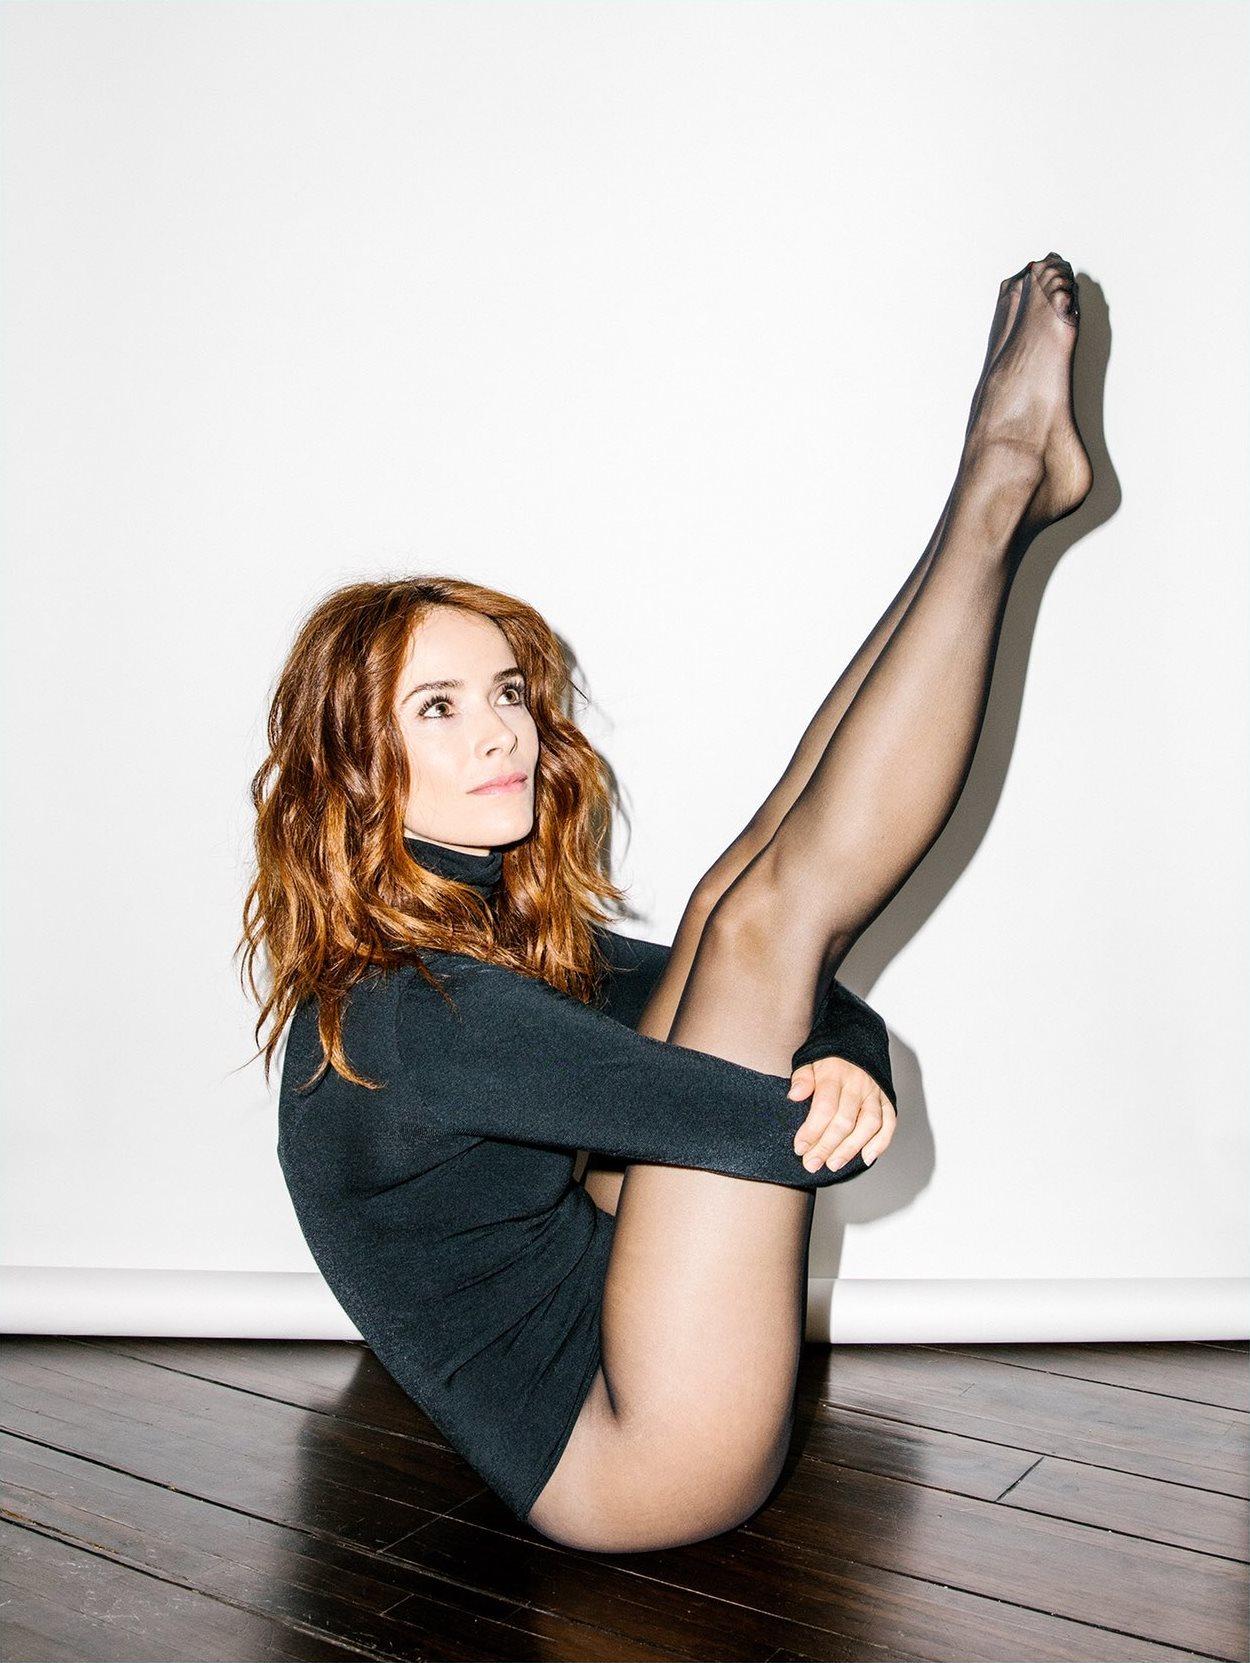 Abigail spencer legs